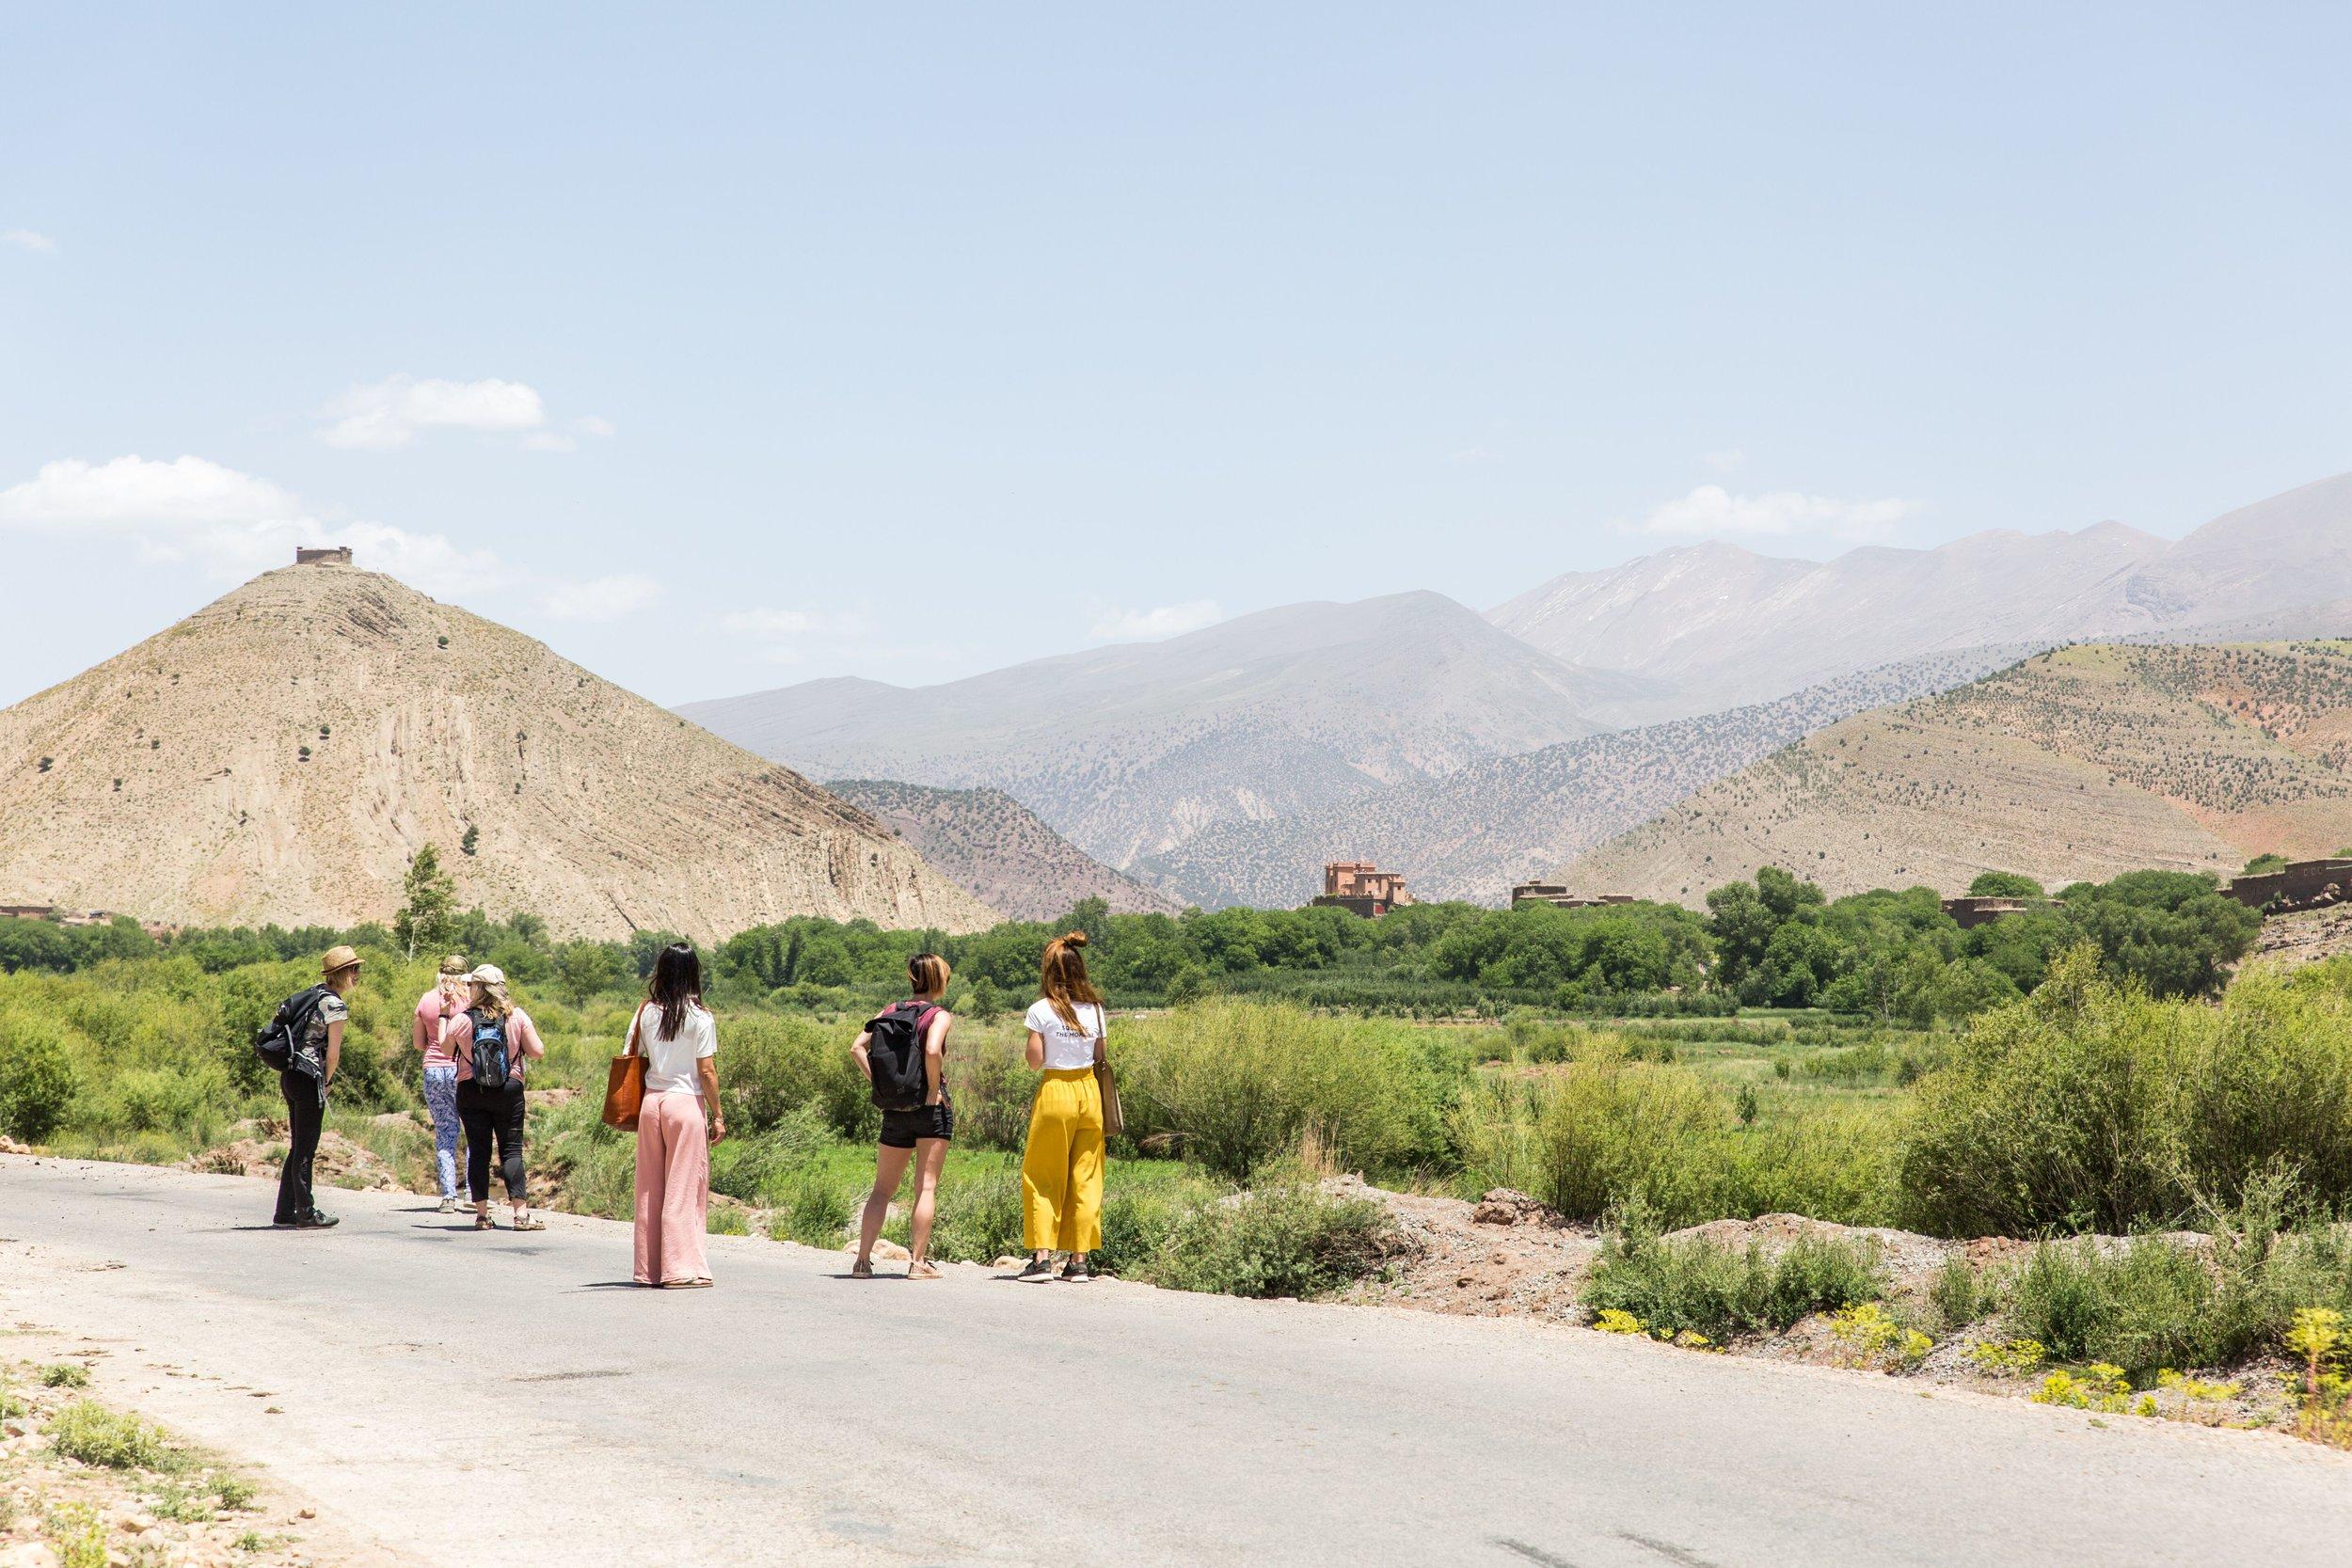 Wandelen in de omgeving - Ait Boughmez